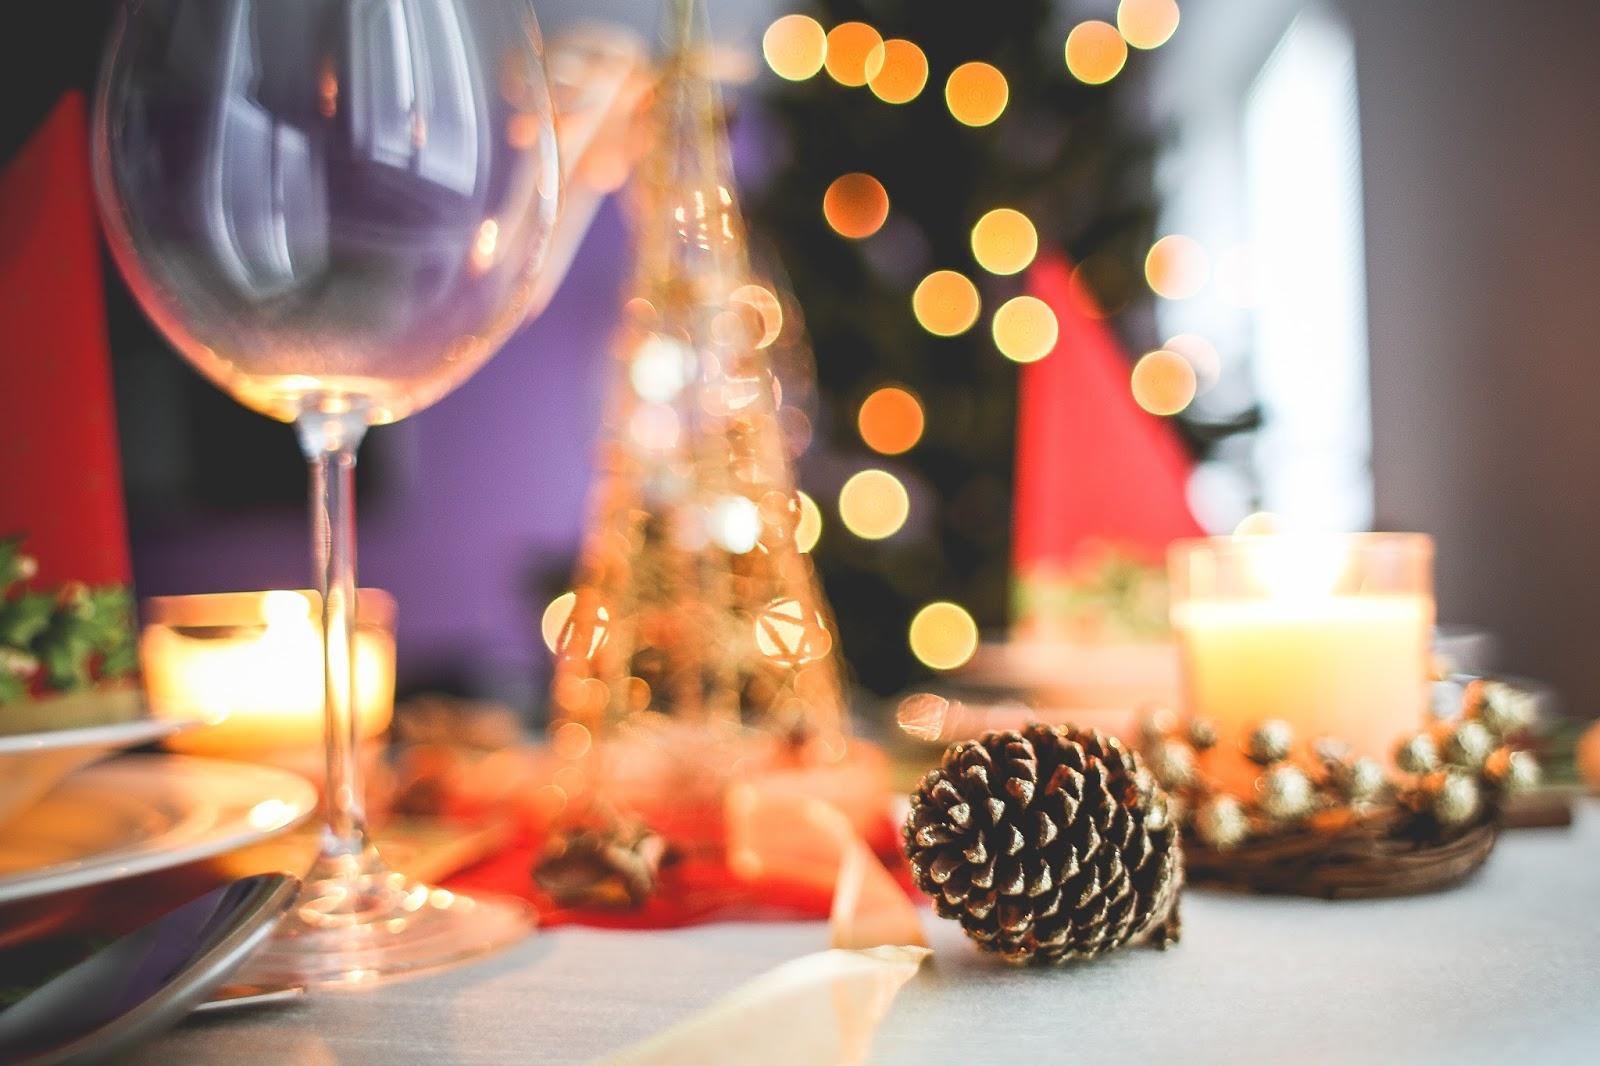 noel la magie de noel idées positivité cadeaux blog blogger lifestyle santa